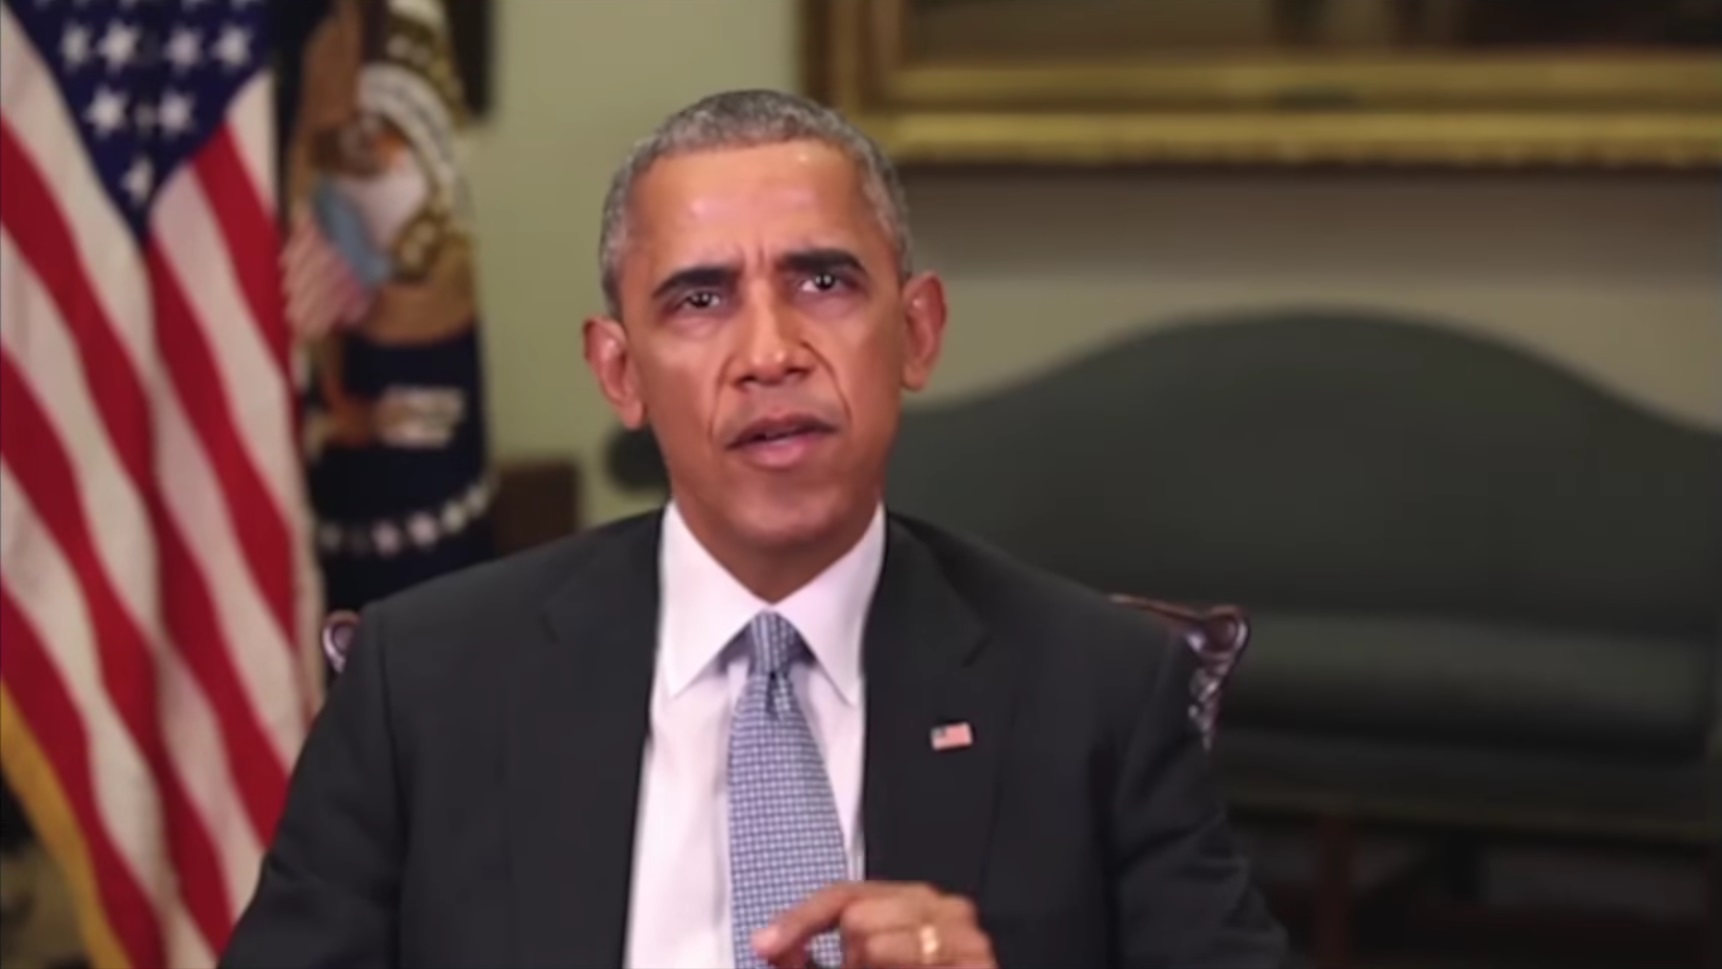 obama verdeutlicht unfreiwillig die beunruhigende zukunft